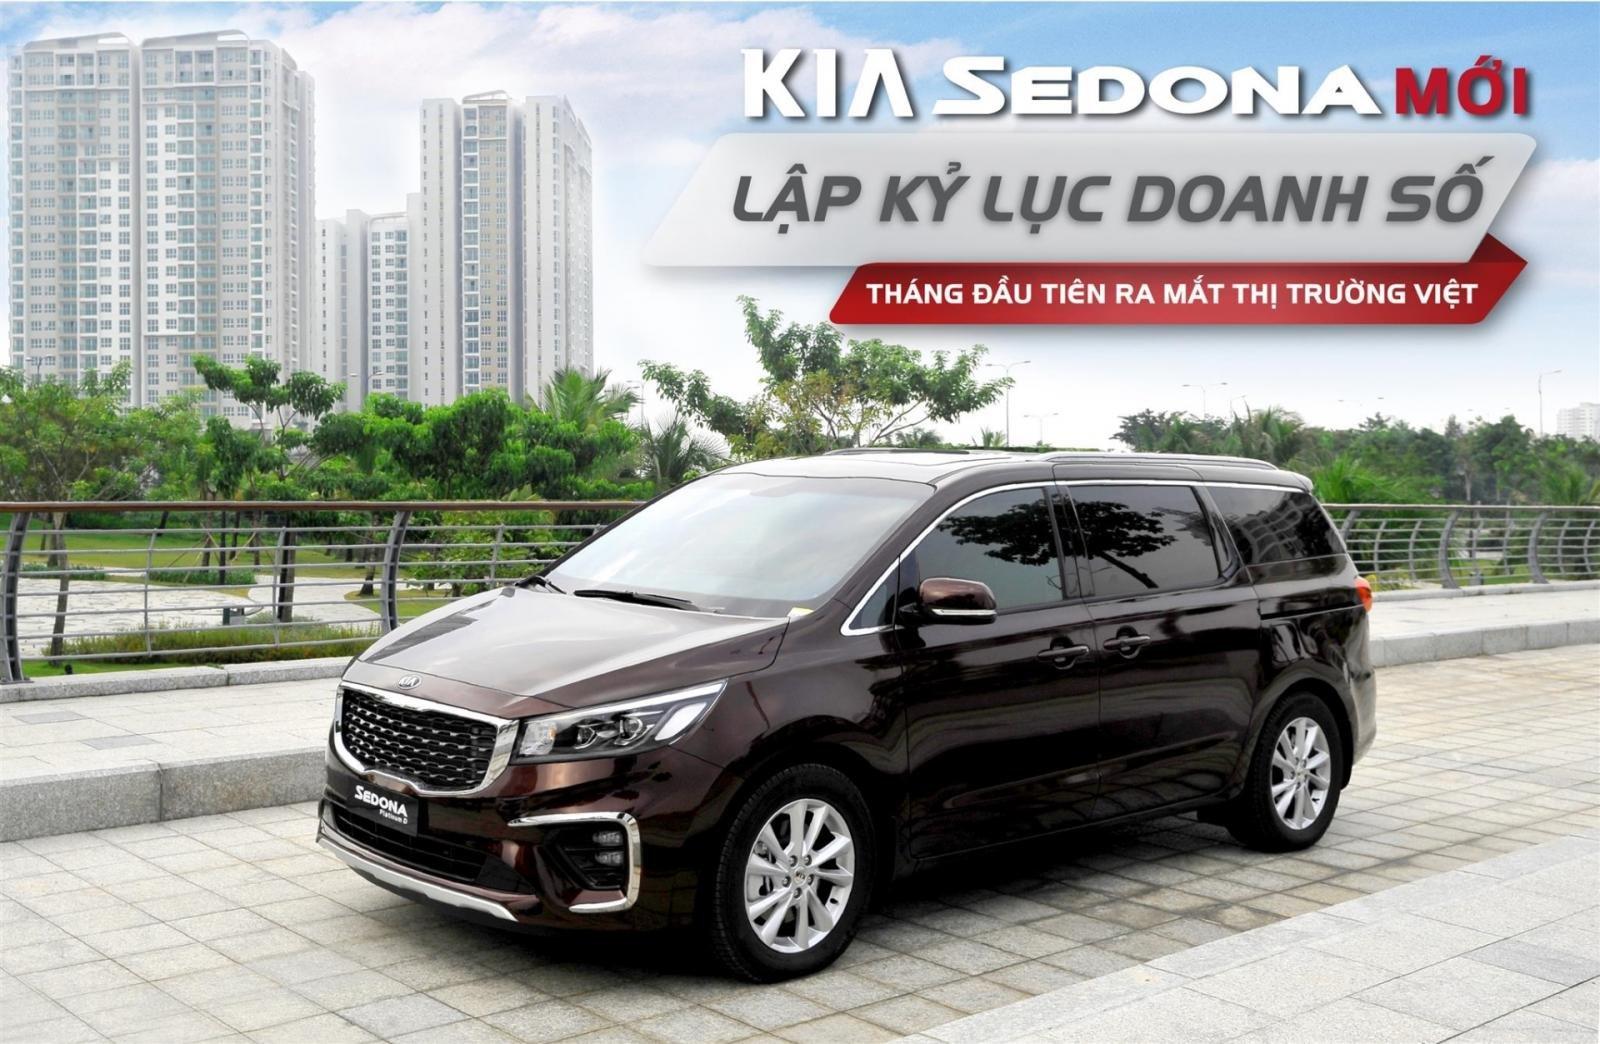 Hơn 400 xe Kia Sedona 2019 bán ra chỉ sau 1 tháng, sức hút từ trang bị mới a7